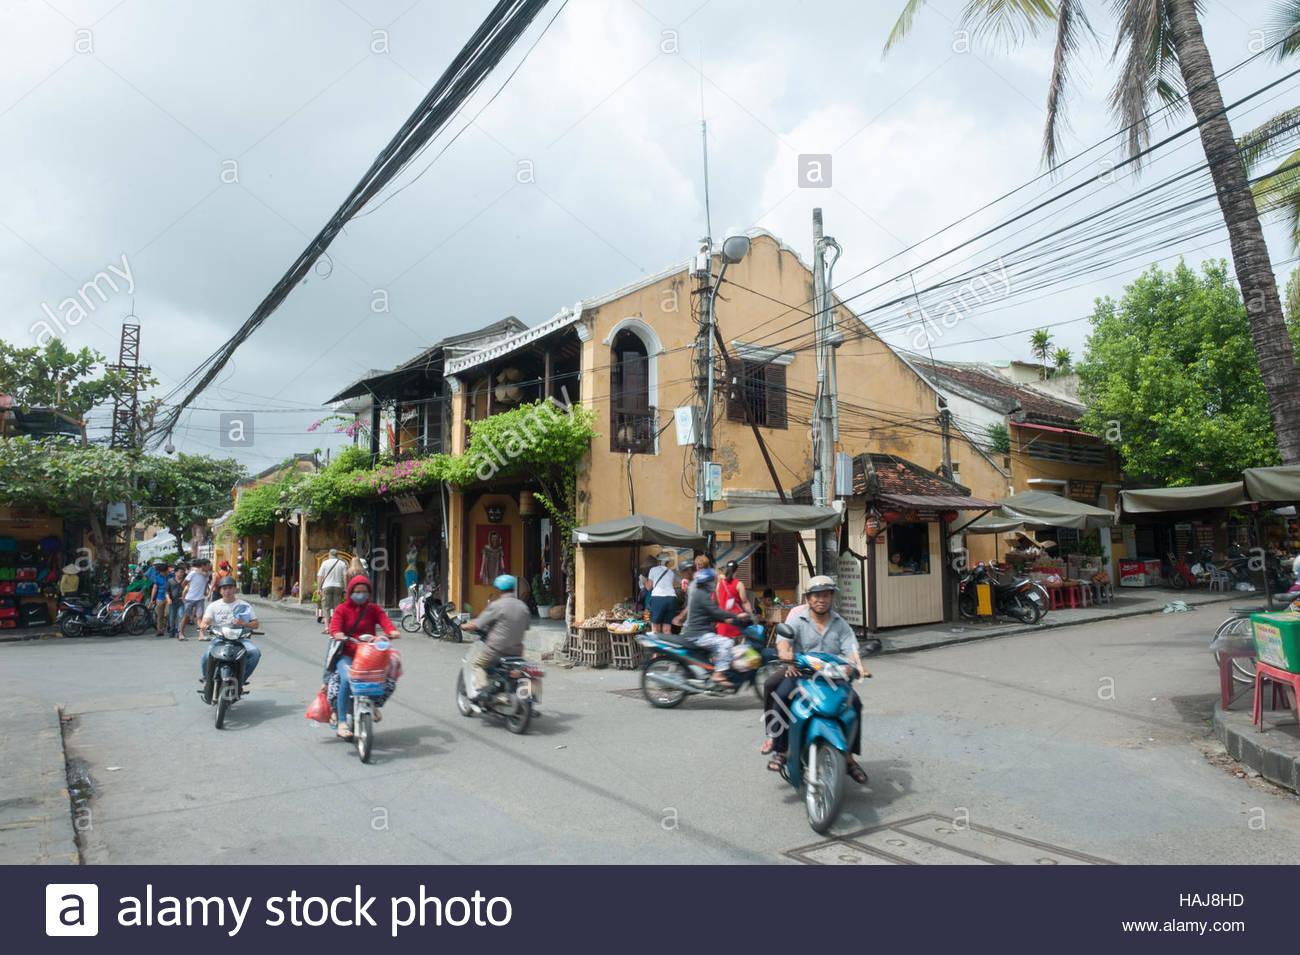 Hoi An Vietnam täglichen Leben Straßenszene. Stockbild